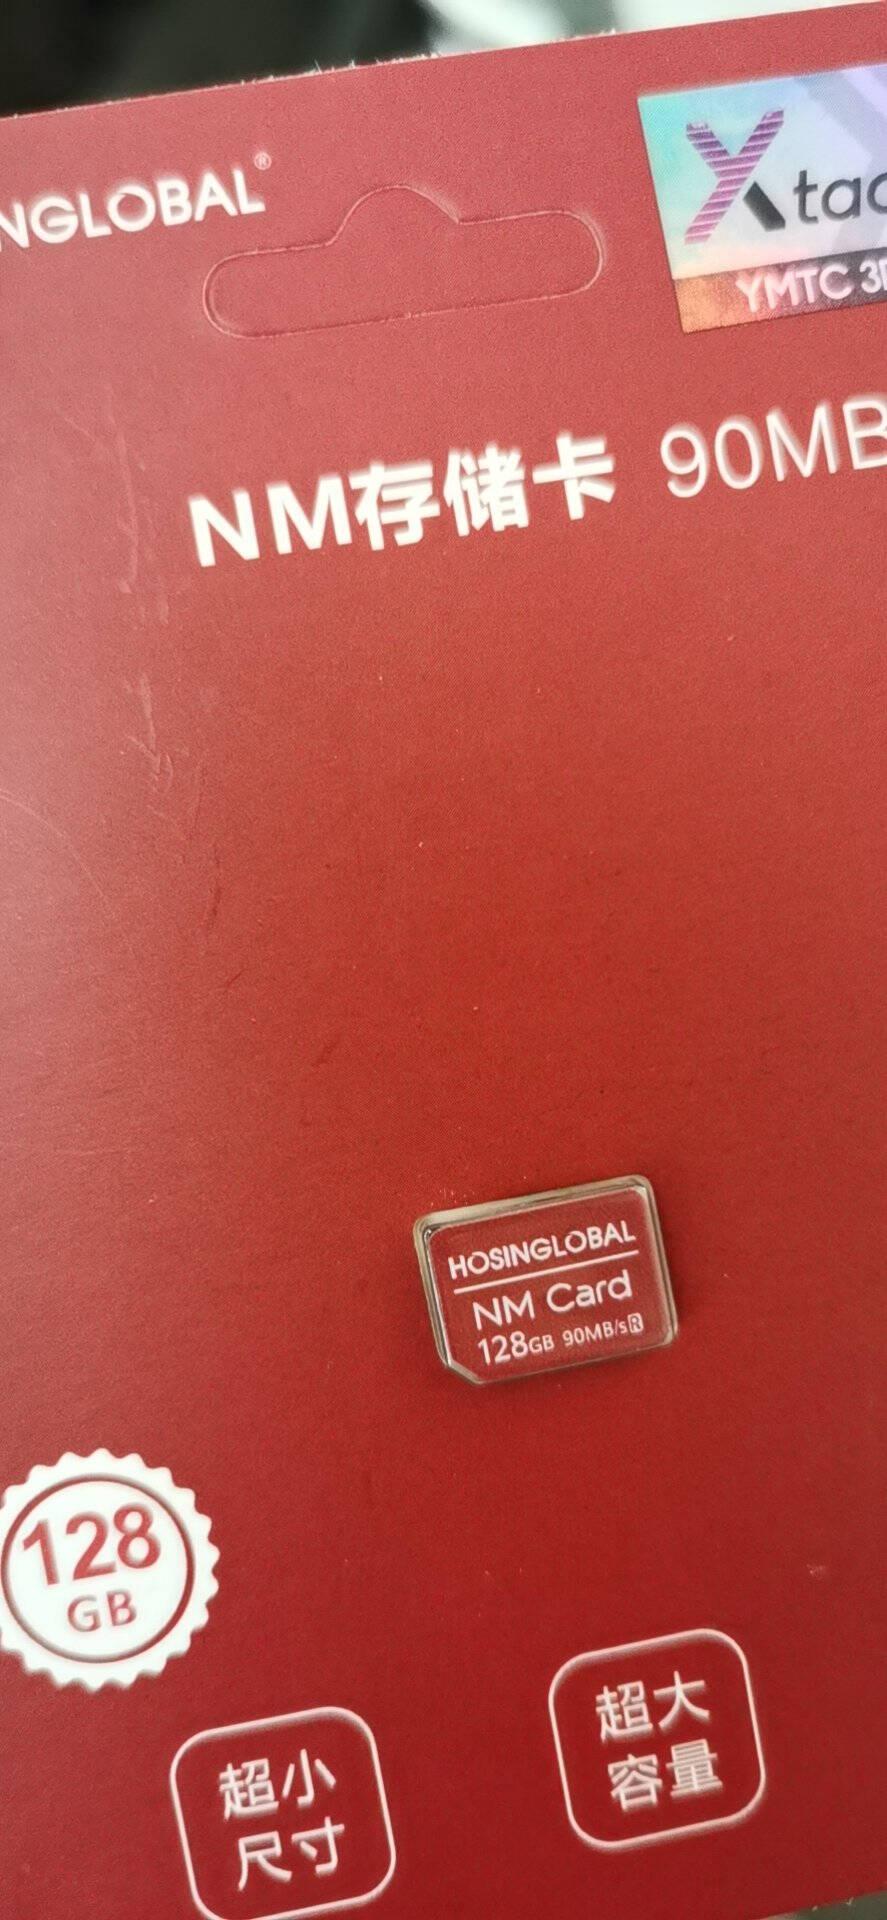 华为NM存储卡mate2030pro内存卡P40pro高速闪存卡nova5pro荣耀30S视频扩展定制款NM存储卡(256G)